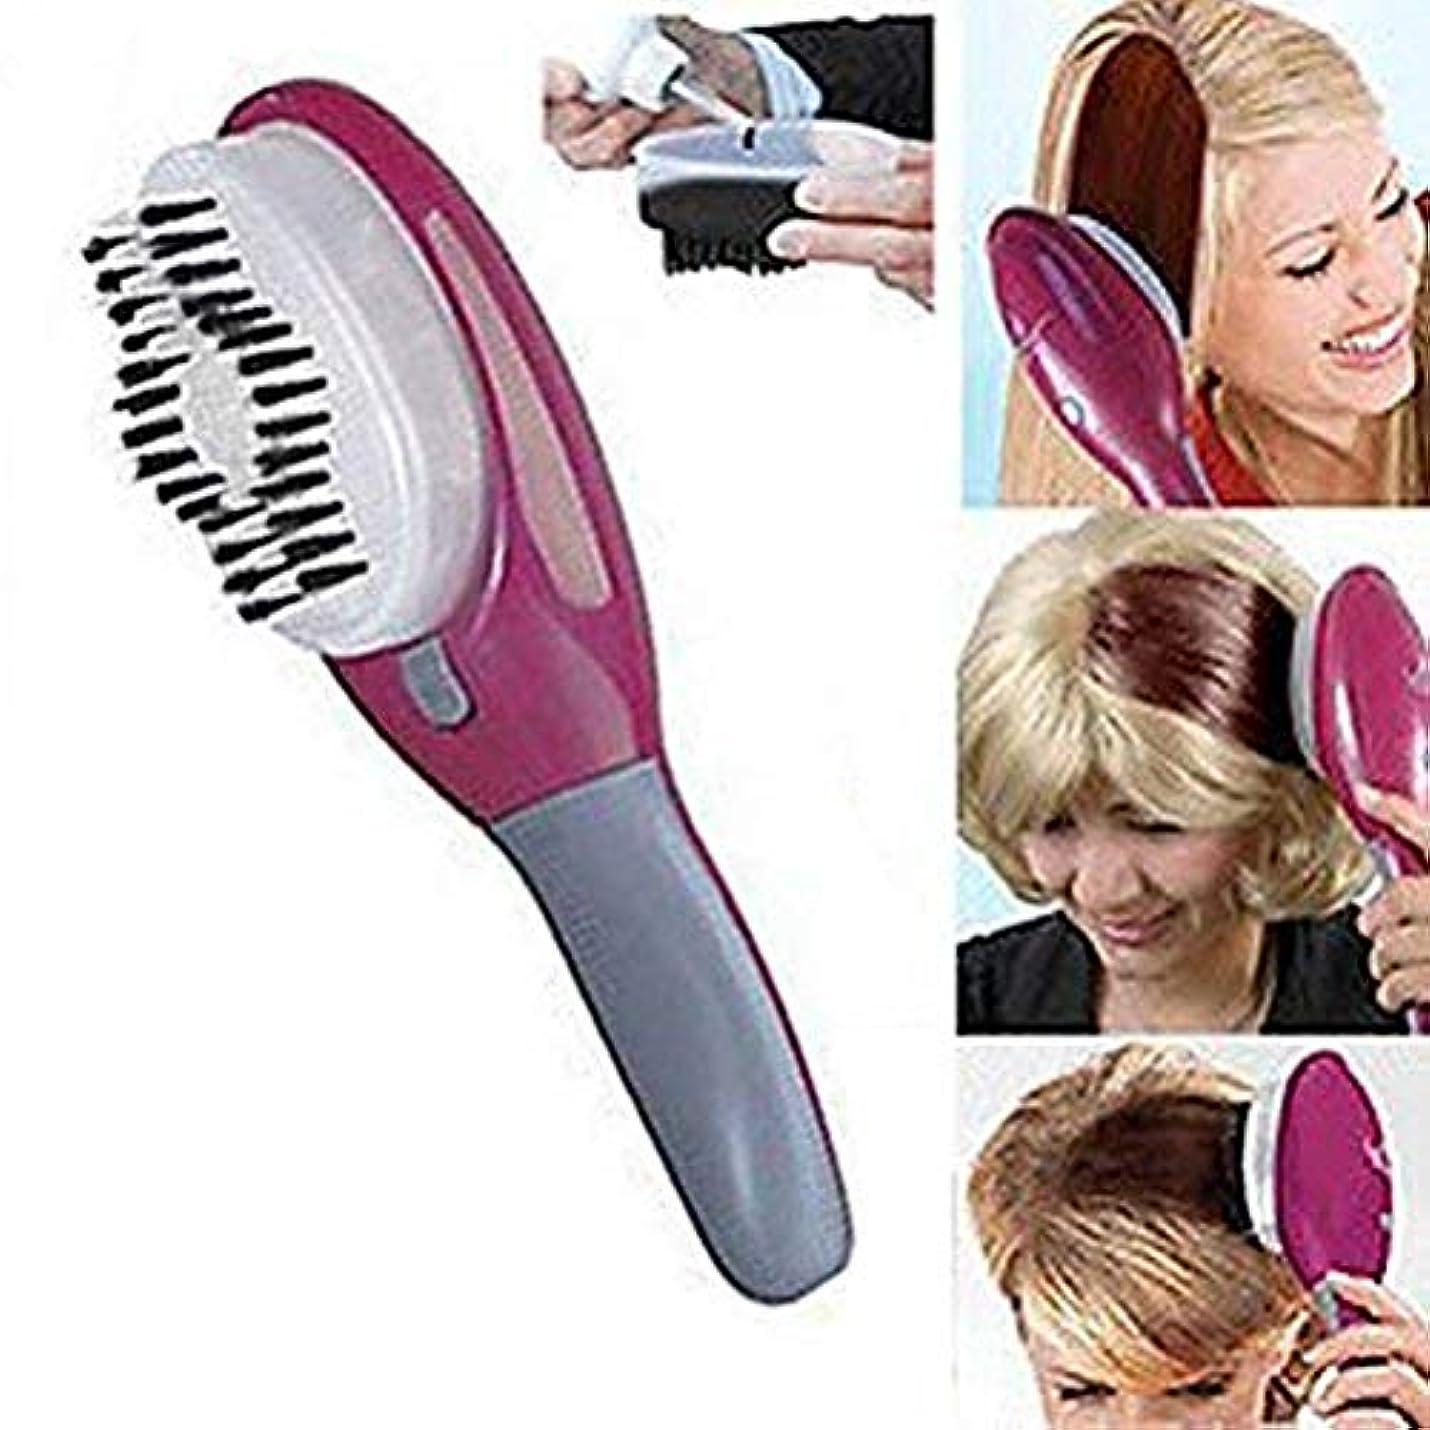 抵抗するアクセスウイルス電動高速染毛コーム、ヘアスタイリングツール用高精度工具、染毛用特殊ブラシ